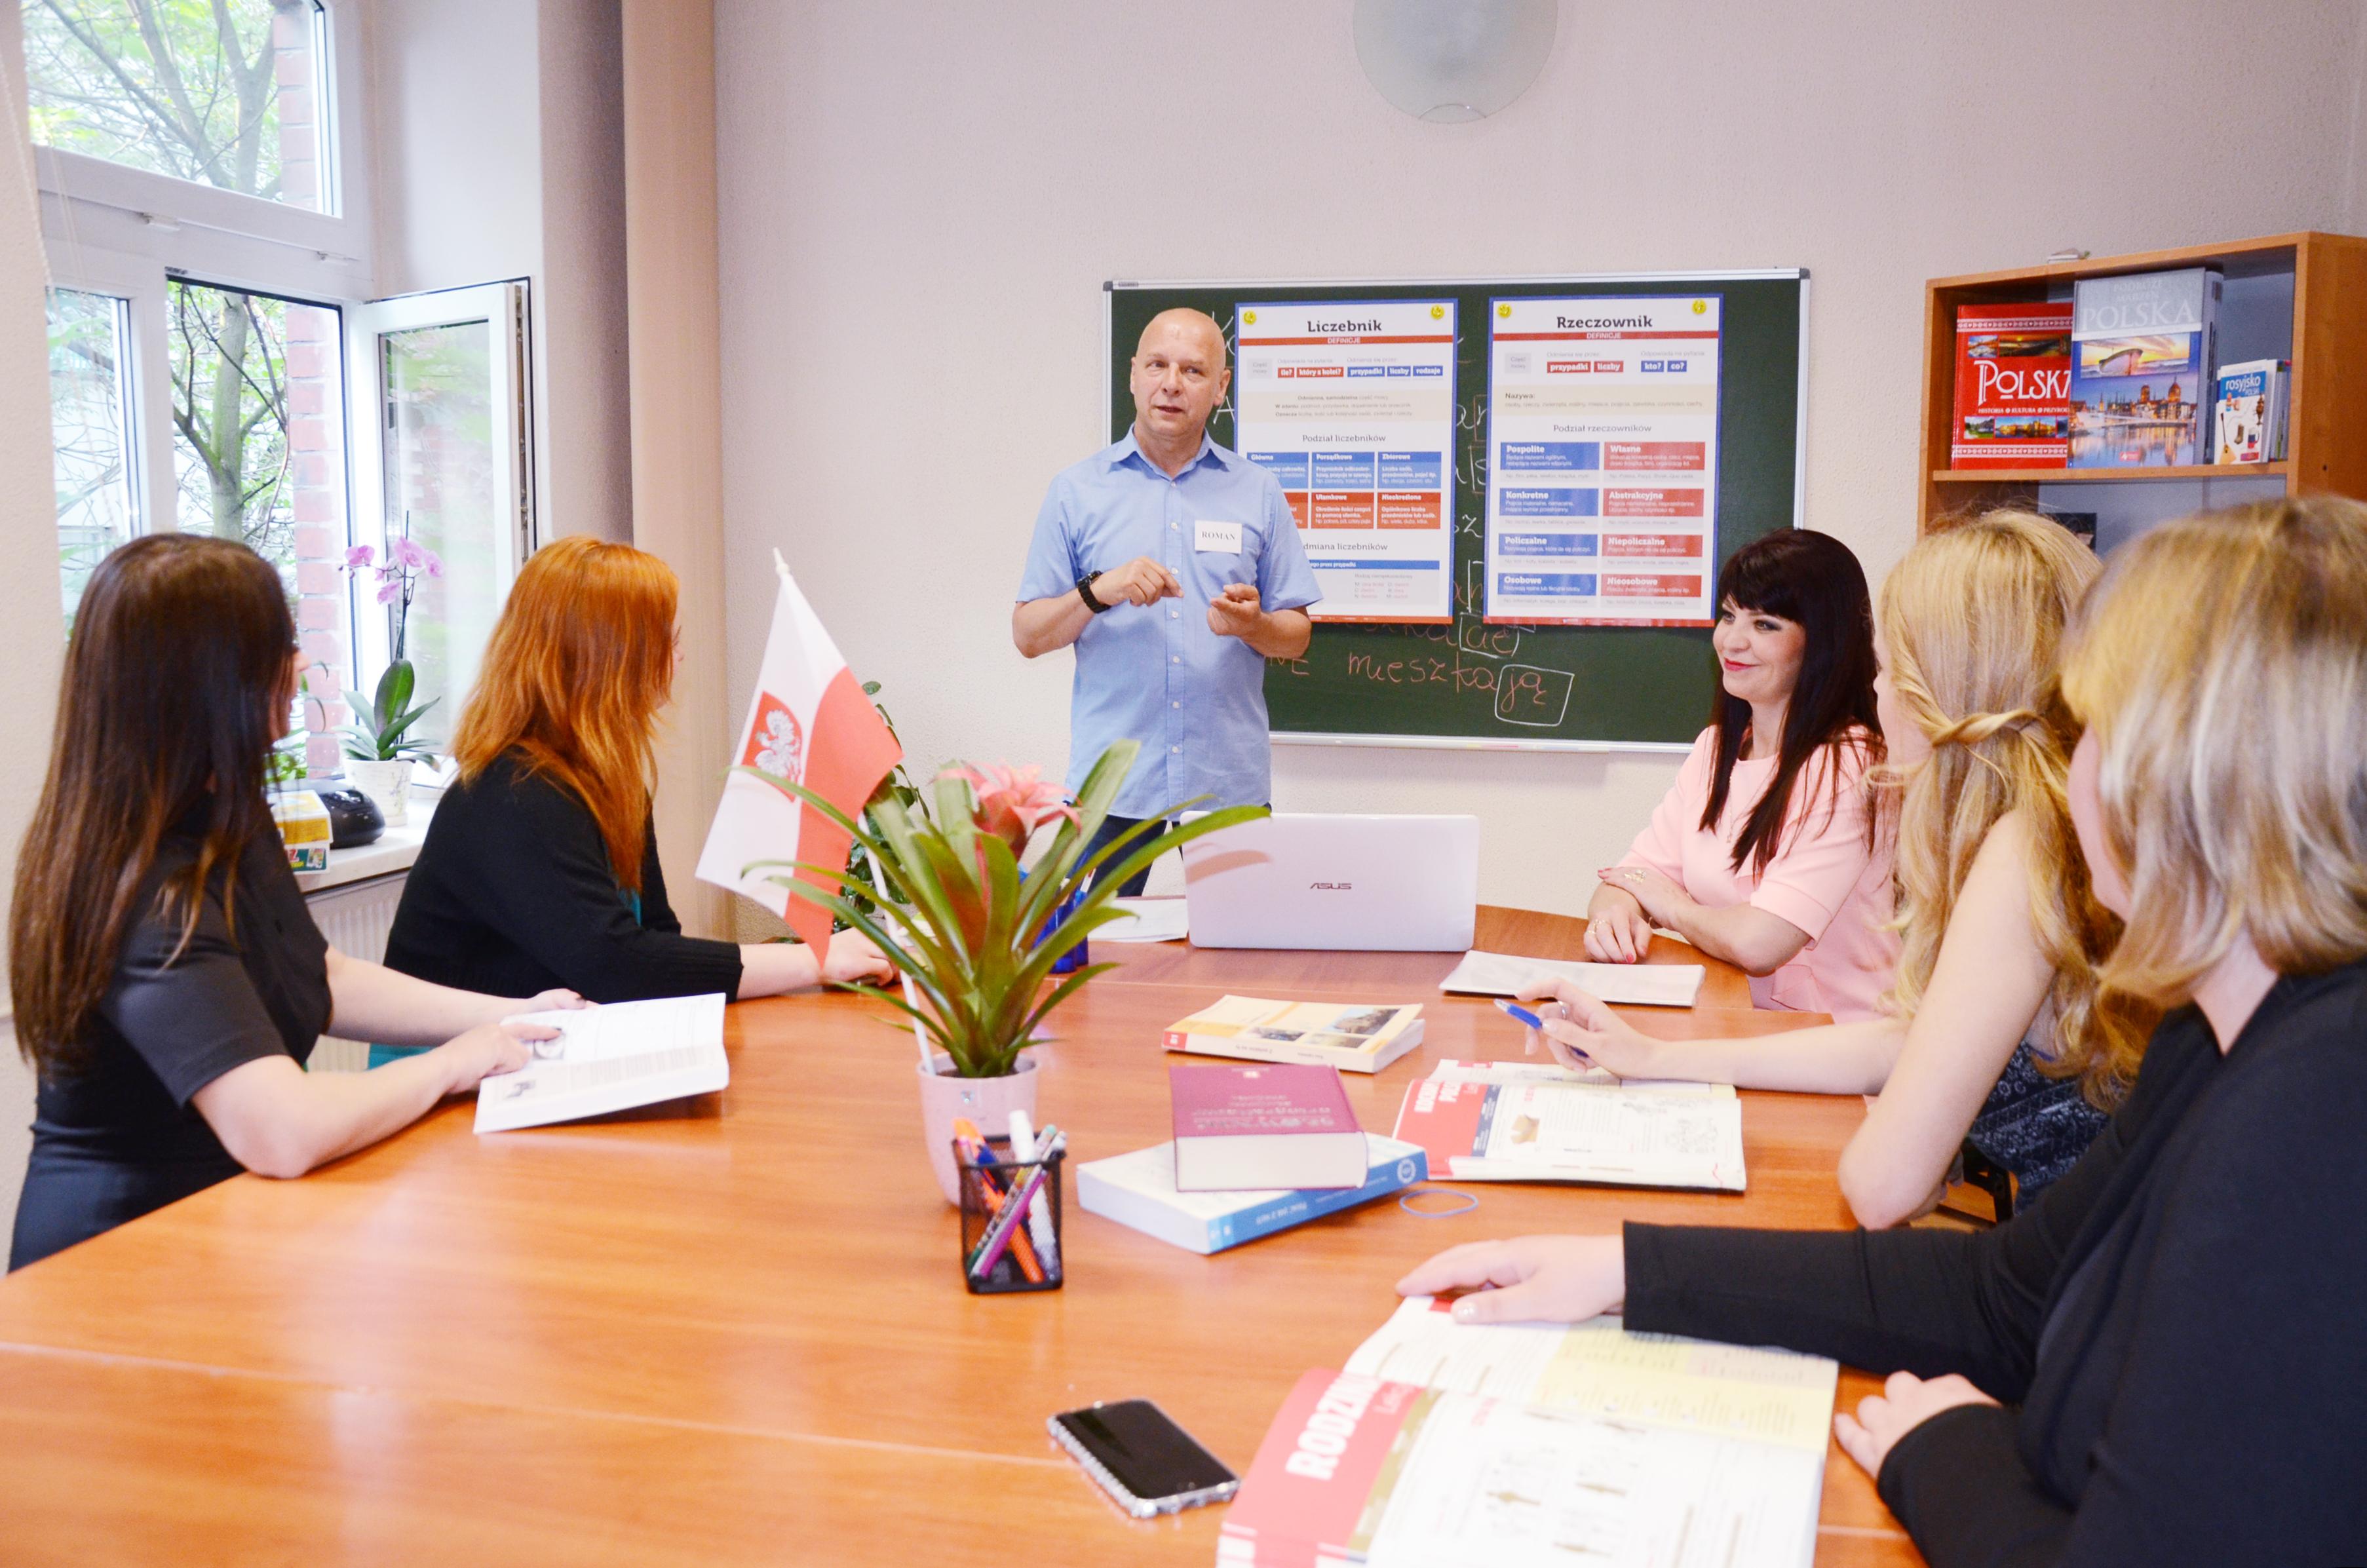 Вот так проходит урок в школе инстранных языков Polskikraj. Приглашем на пробное занятие: +48 799 922 845. Звоните!